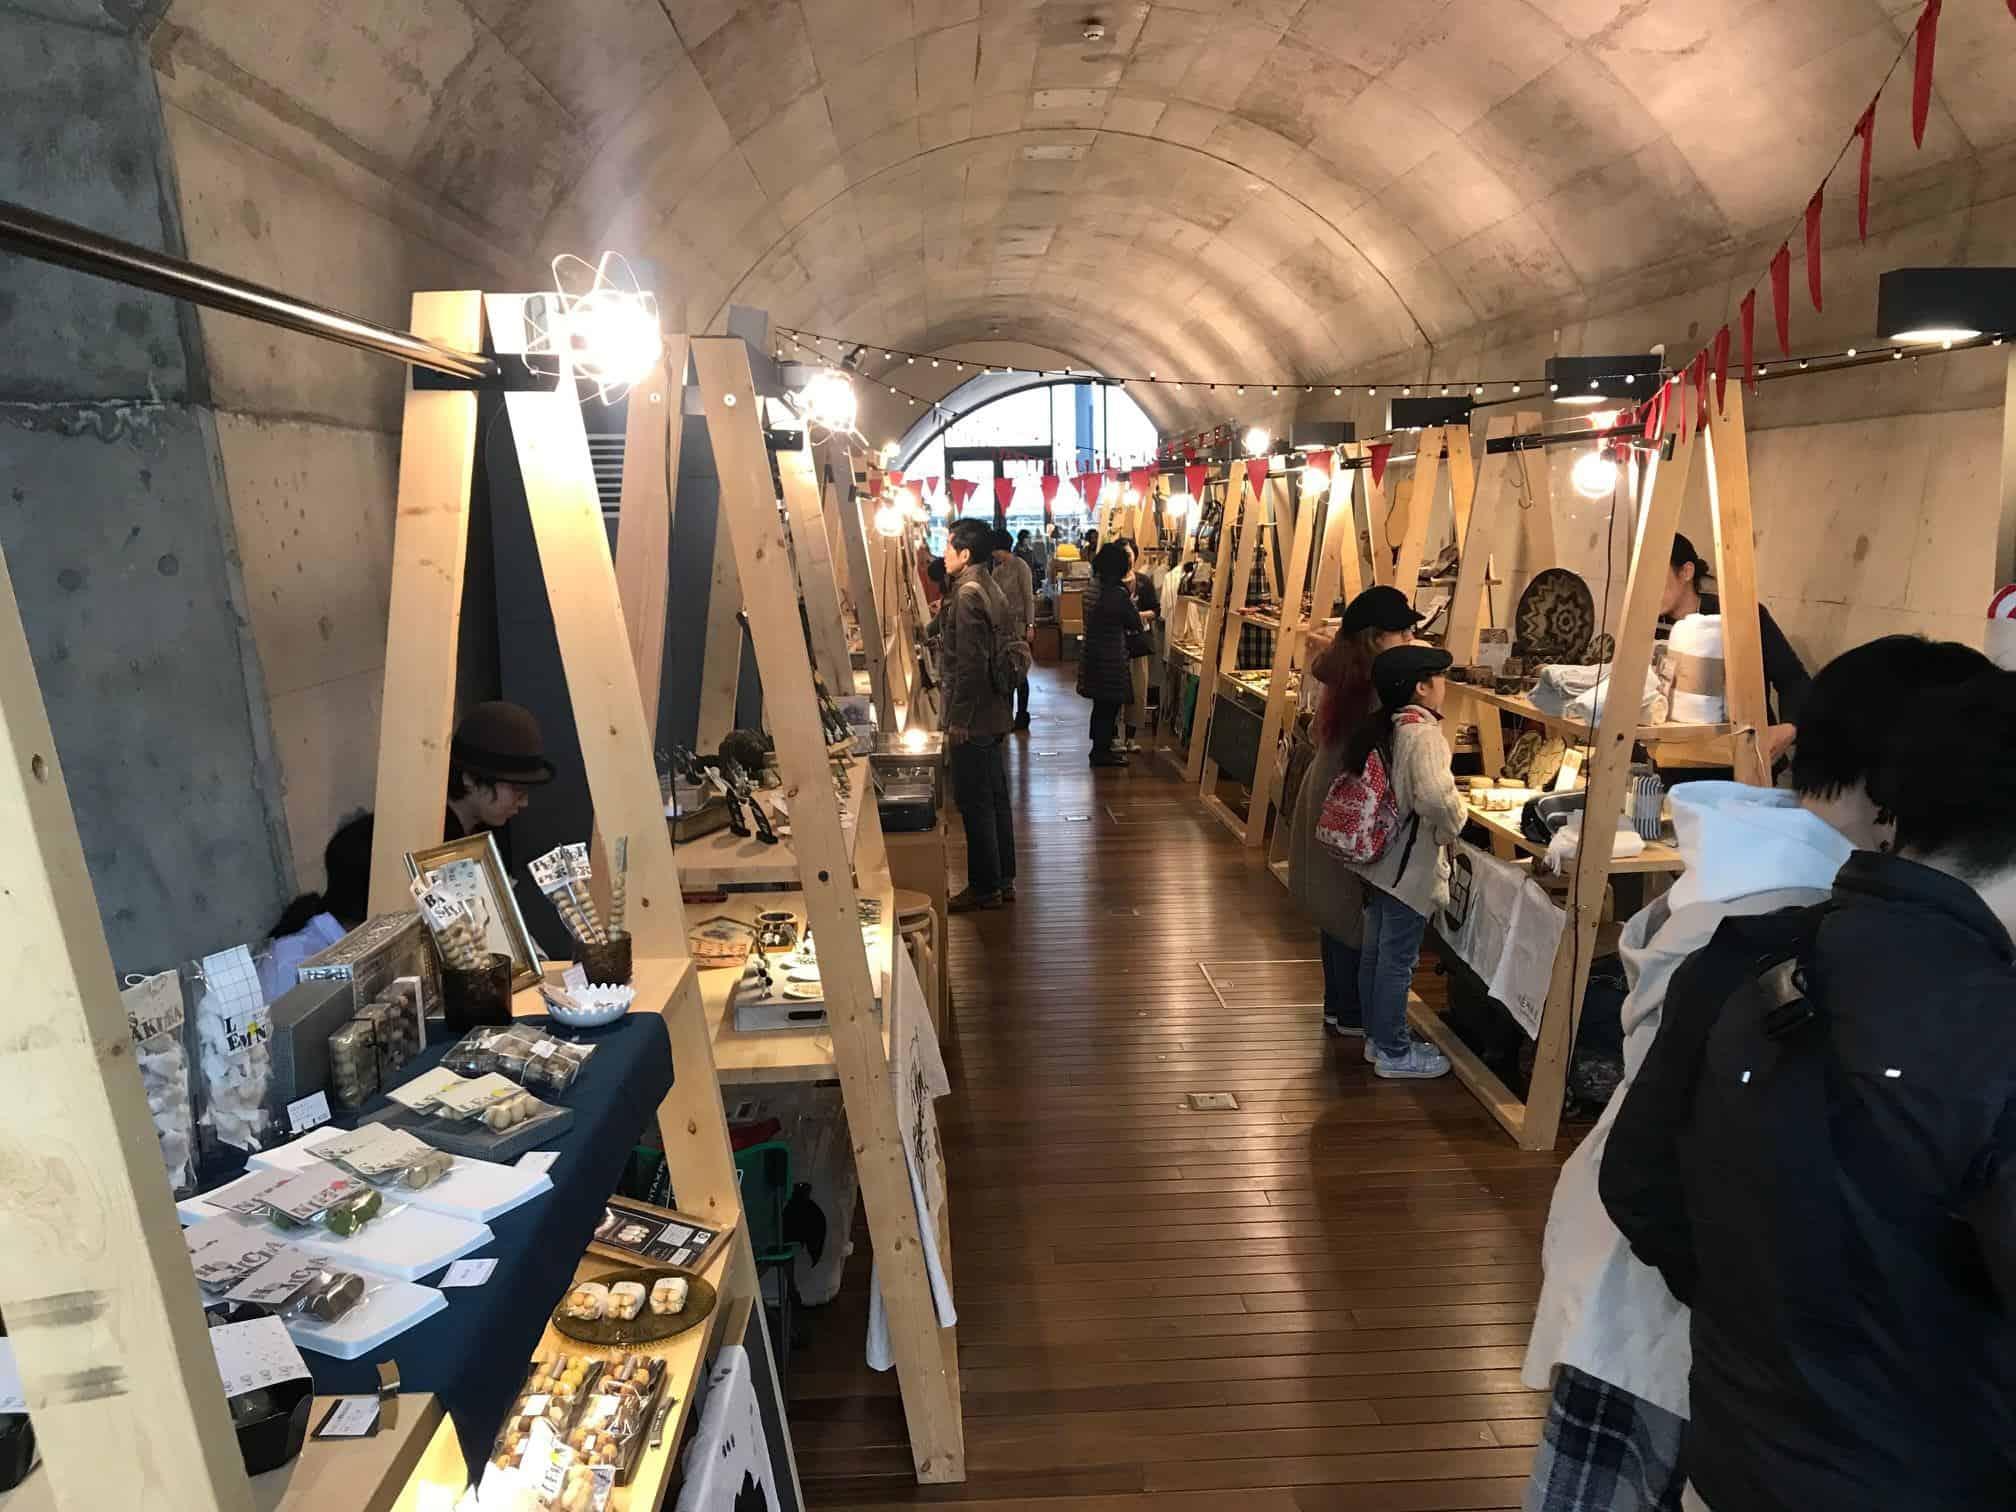 ร้านค้าต่างๆ ภายในห้าง mAAch ecute (มาจิ เอคิวโตะ)